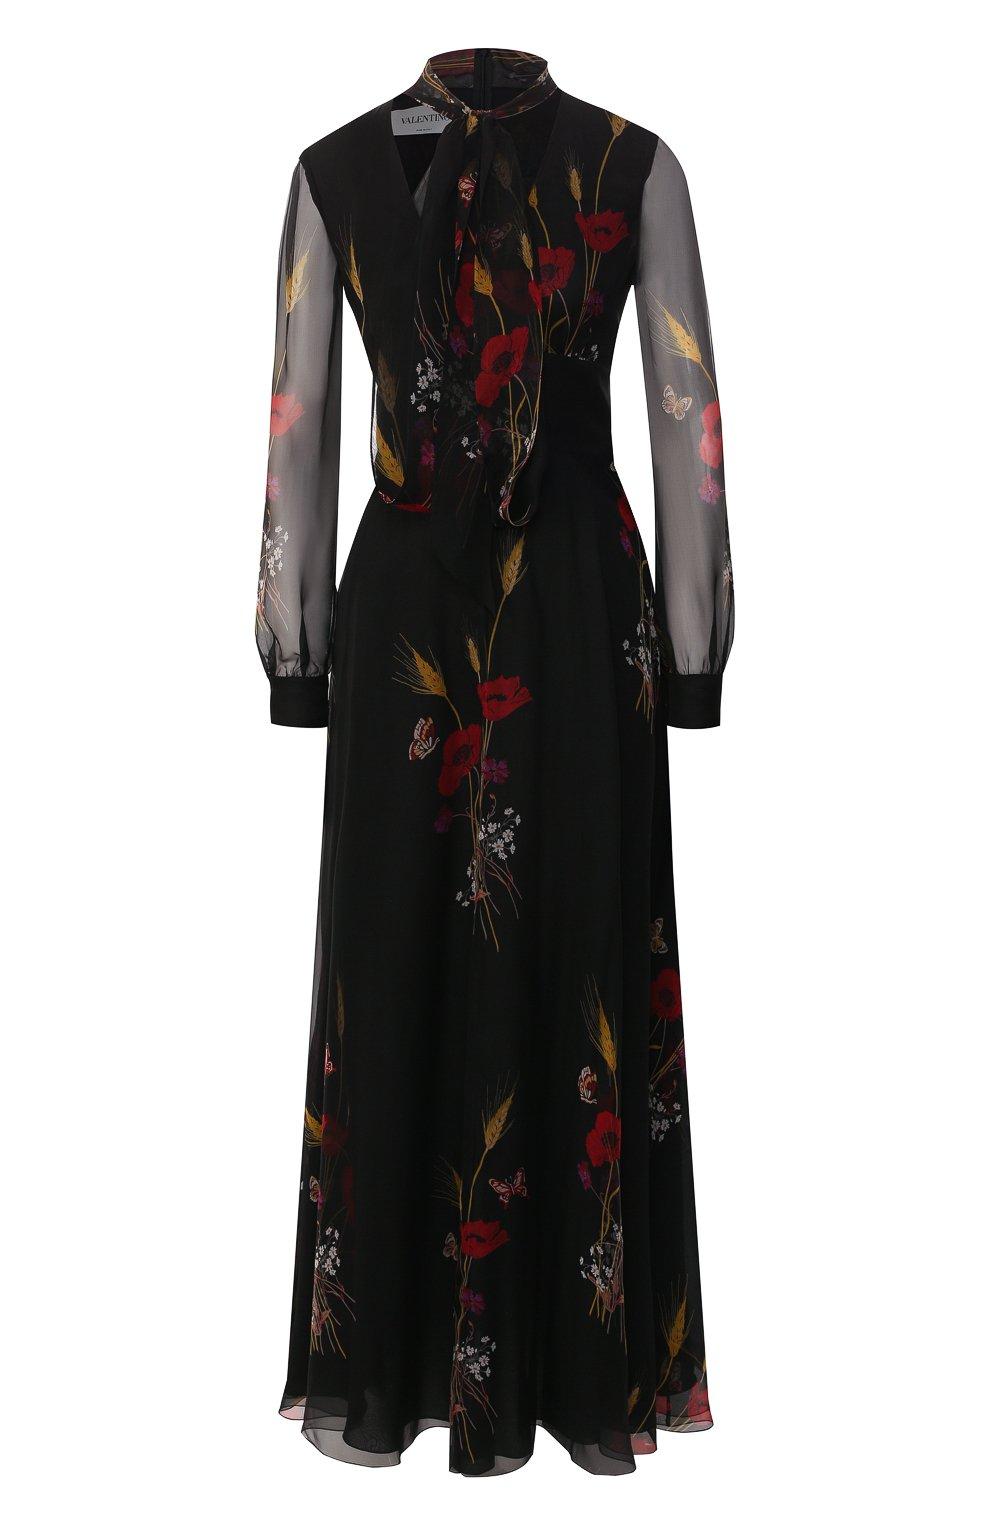 43cfe1fc9a2 Женские платья Valentino по цене от 121 500 руб. купить в интернет-магазине  ЦУМ